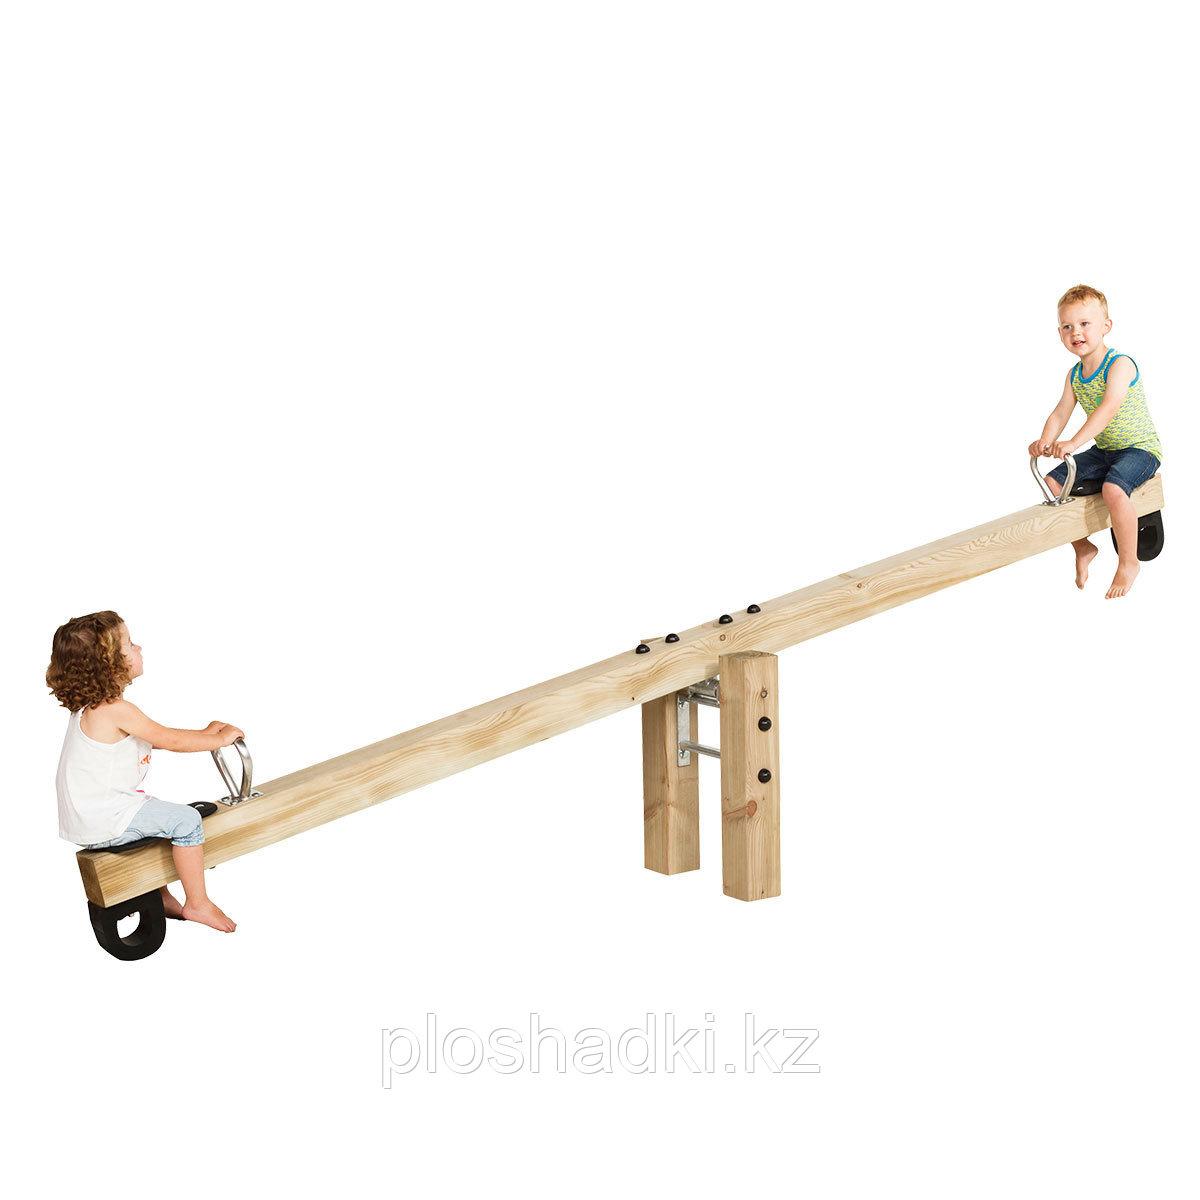 Качалка-балансир детский полный набор